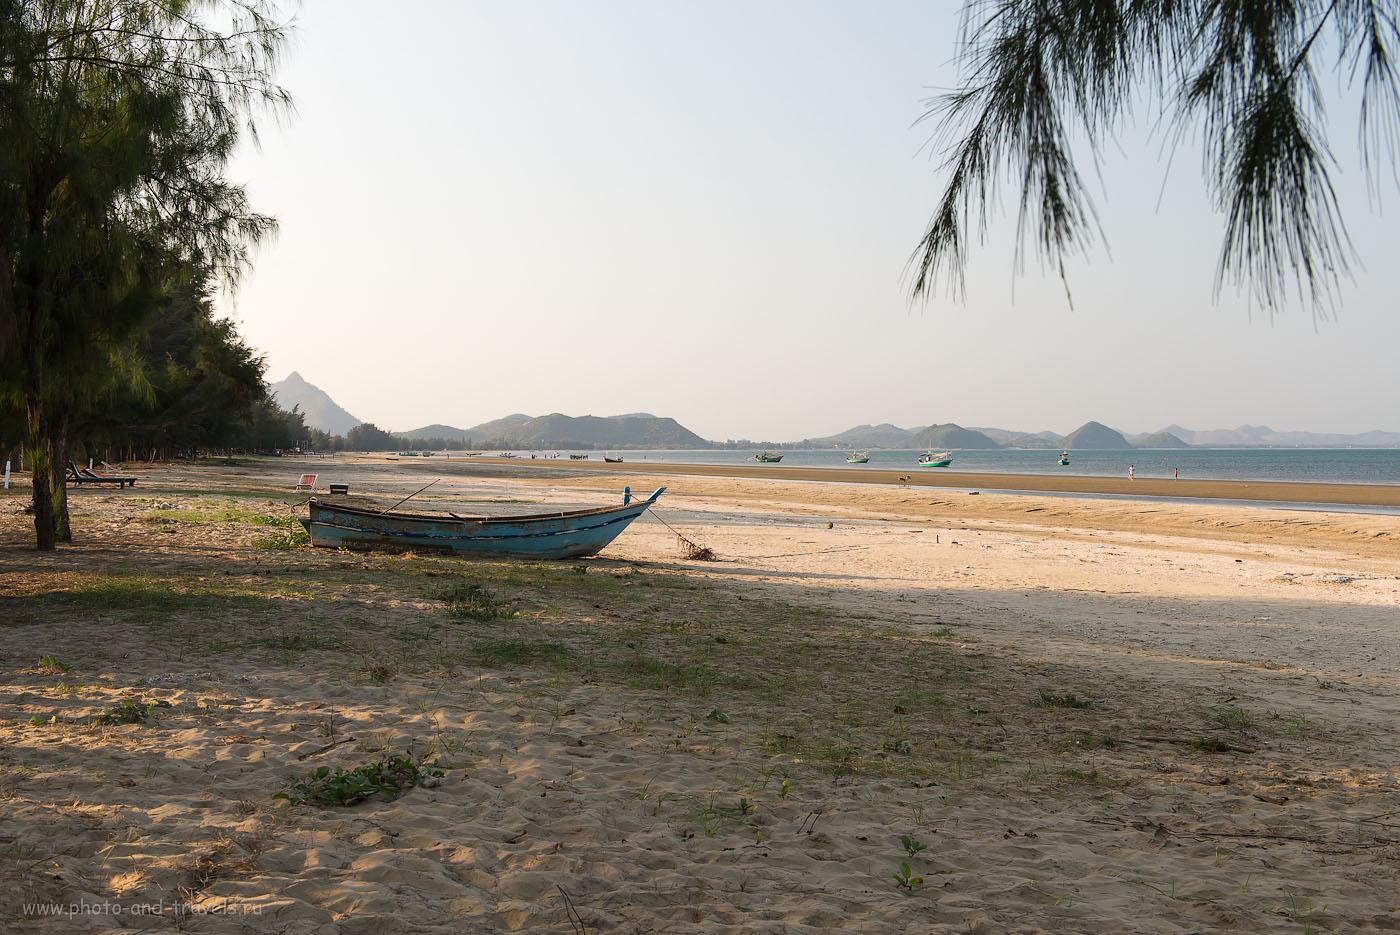 Фото 6. Вот каким был мой Таиланд... Окрестности города Хуахин - прекрасная альтернатива курорту Паттайя. Отчет о поездке за рулем (250, 38, 10.0, 1/100)